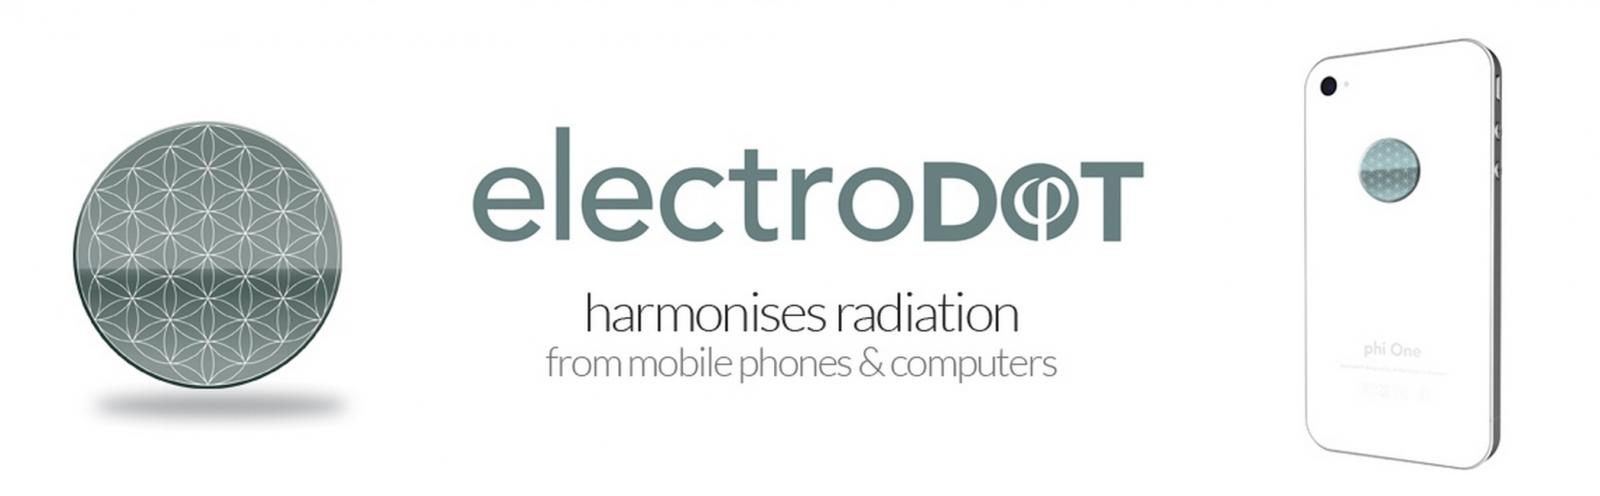 Electrodot harmonising energy